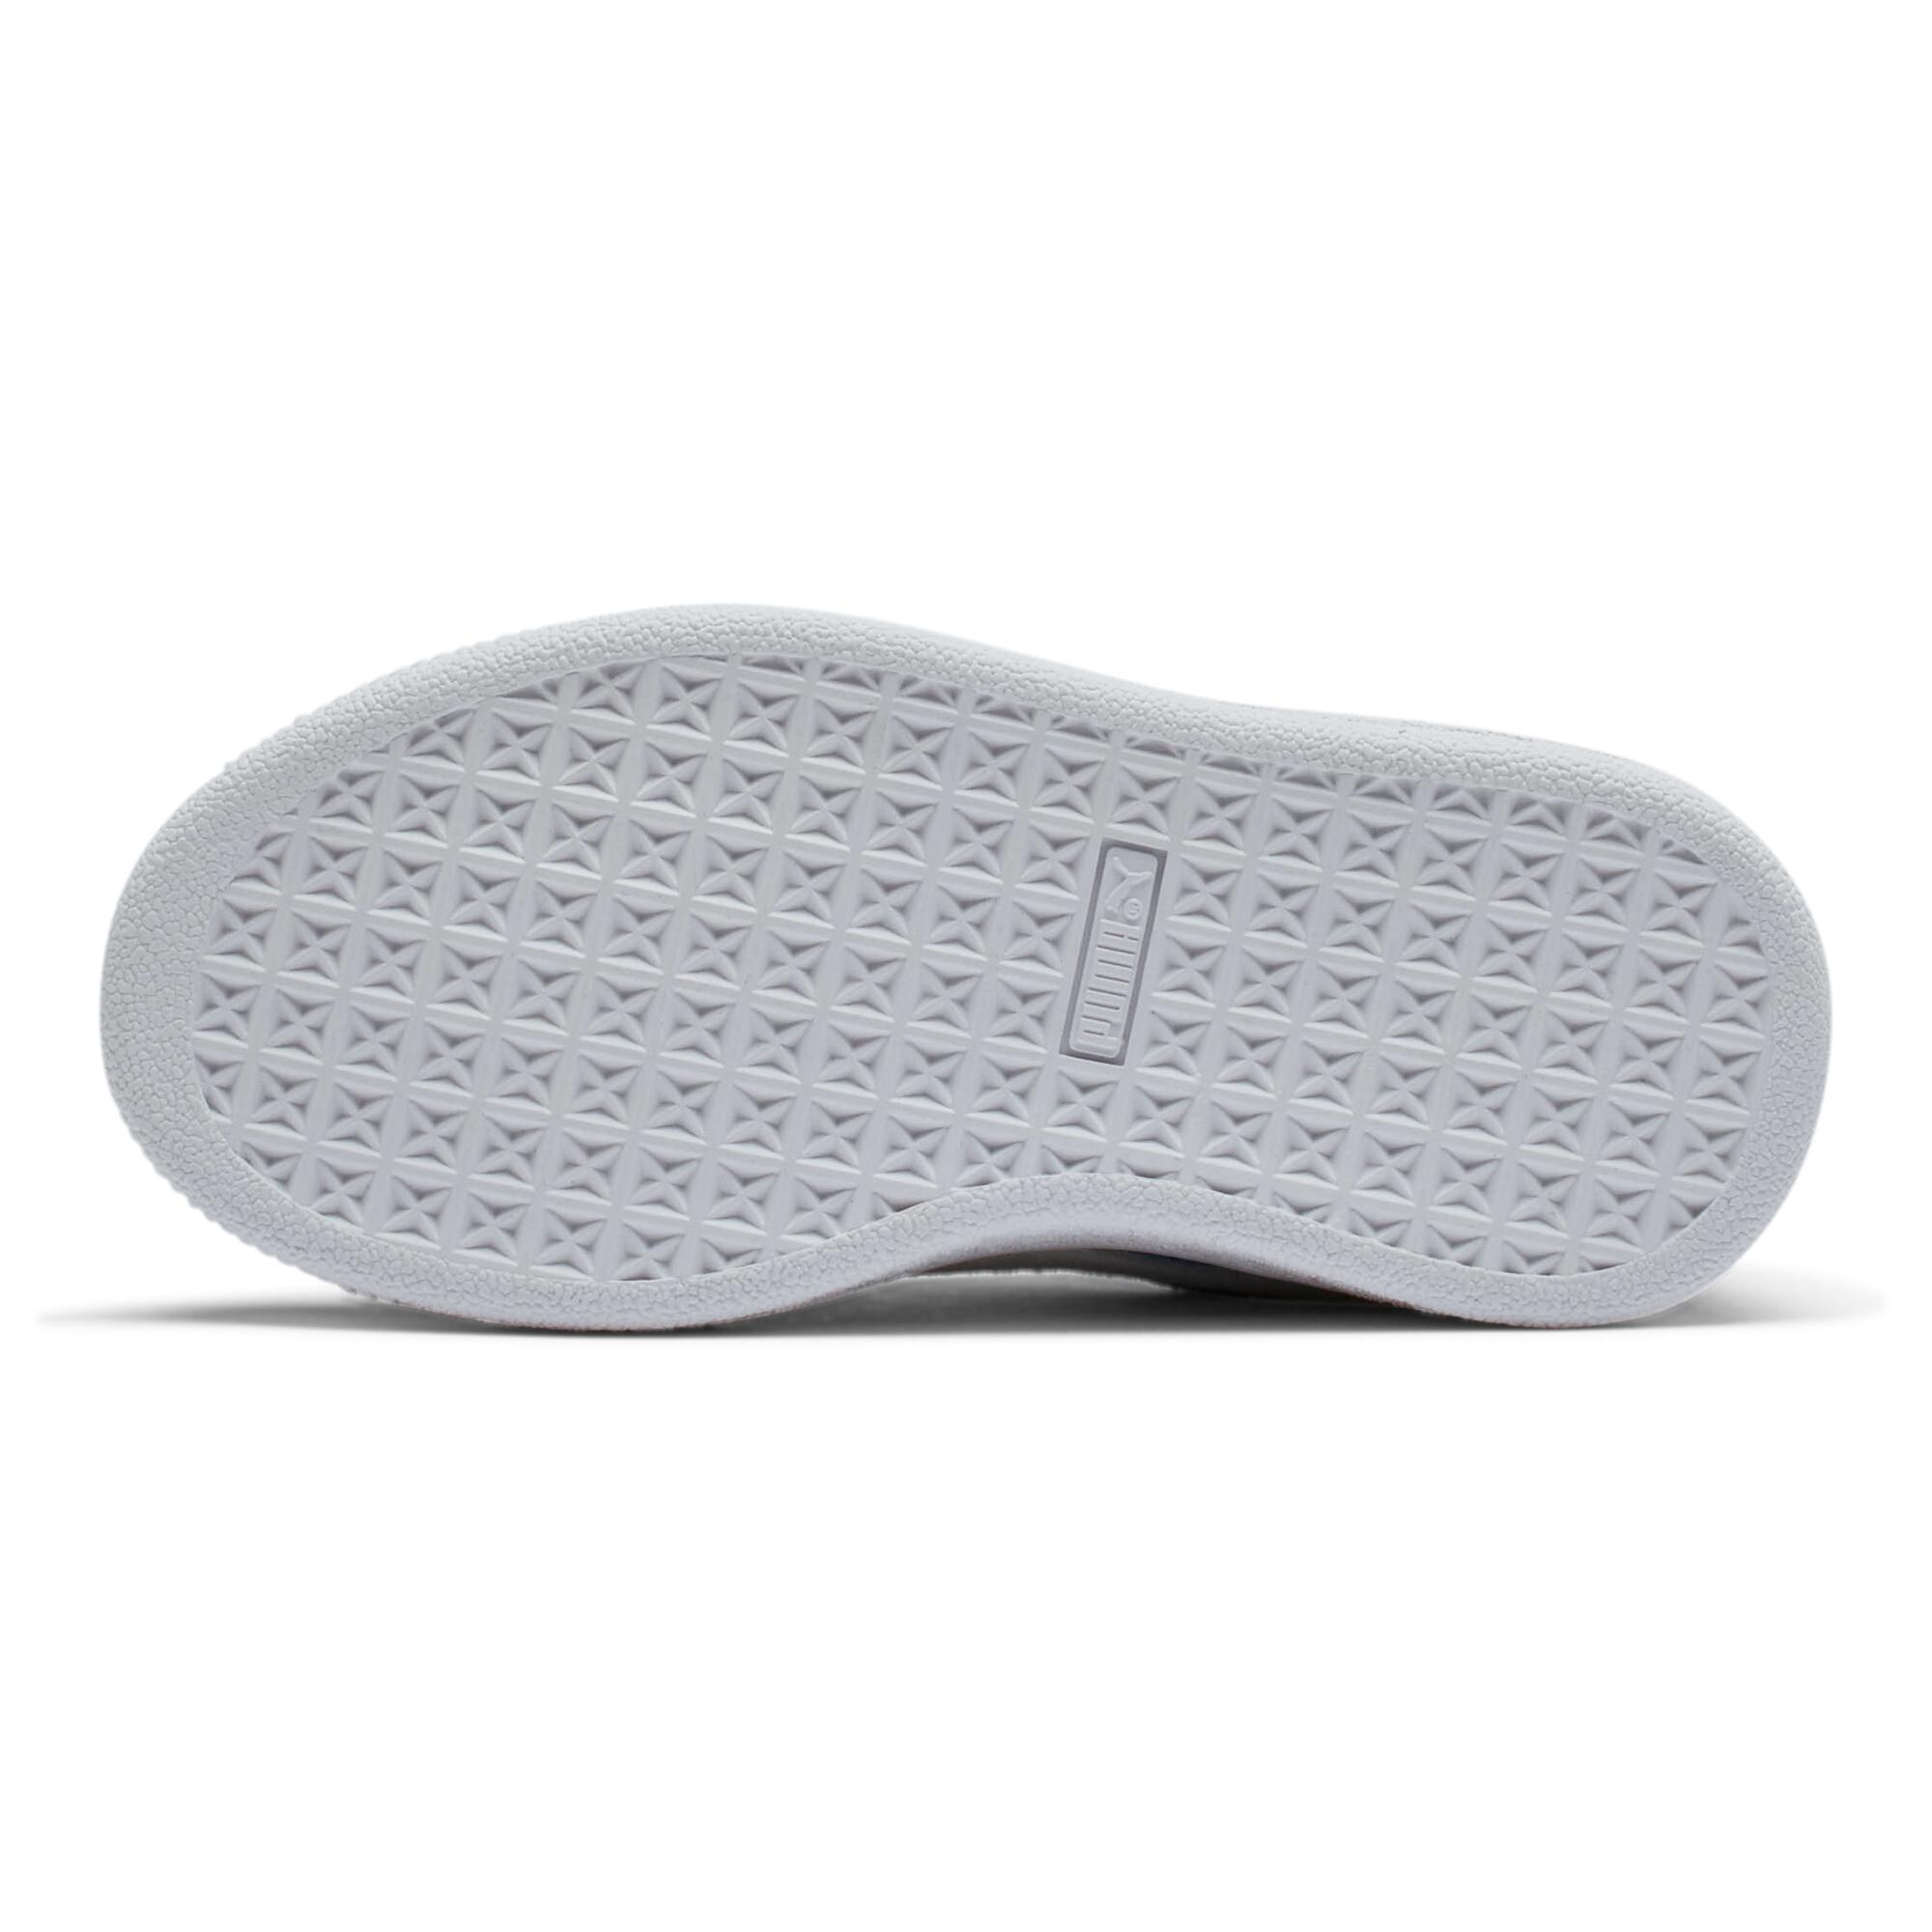 PUMA-Suede-Little-Kids-039-Shoes-Kids-Shoe-Kids thumbnail 13